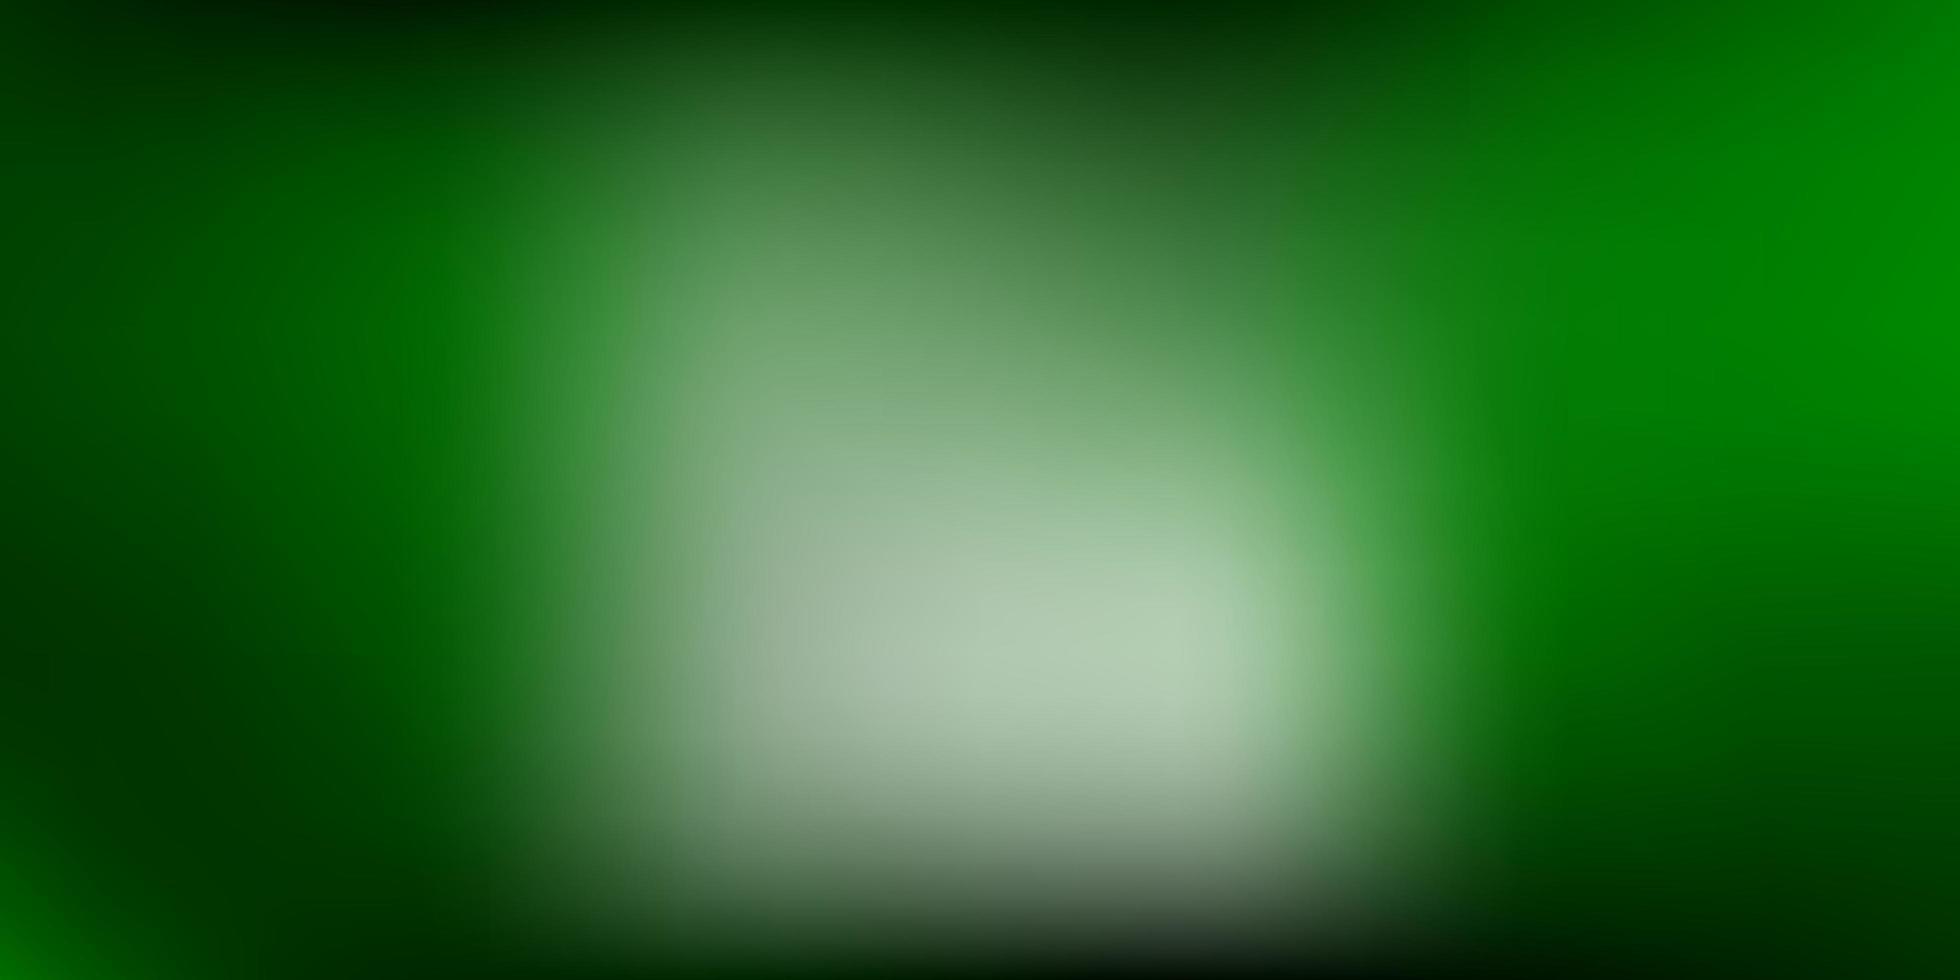 desenho de borrão de gradiente de vetor verde escuro.